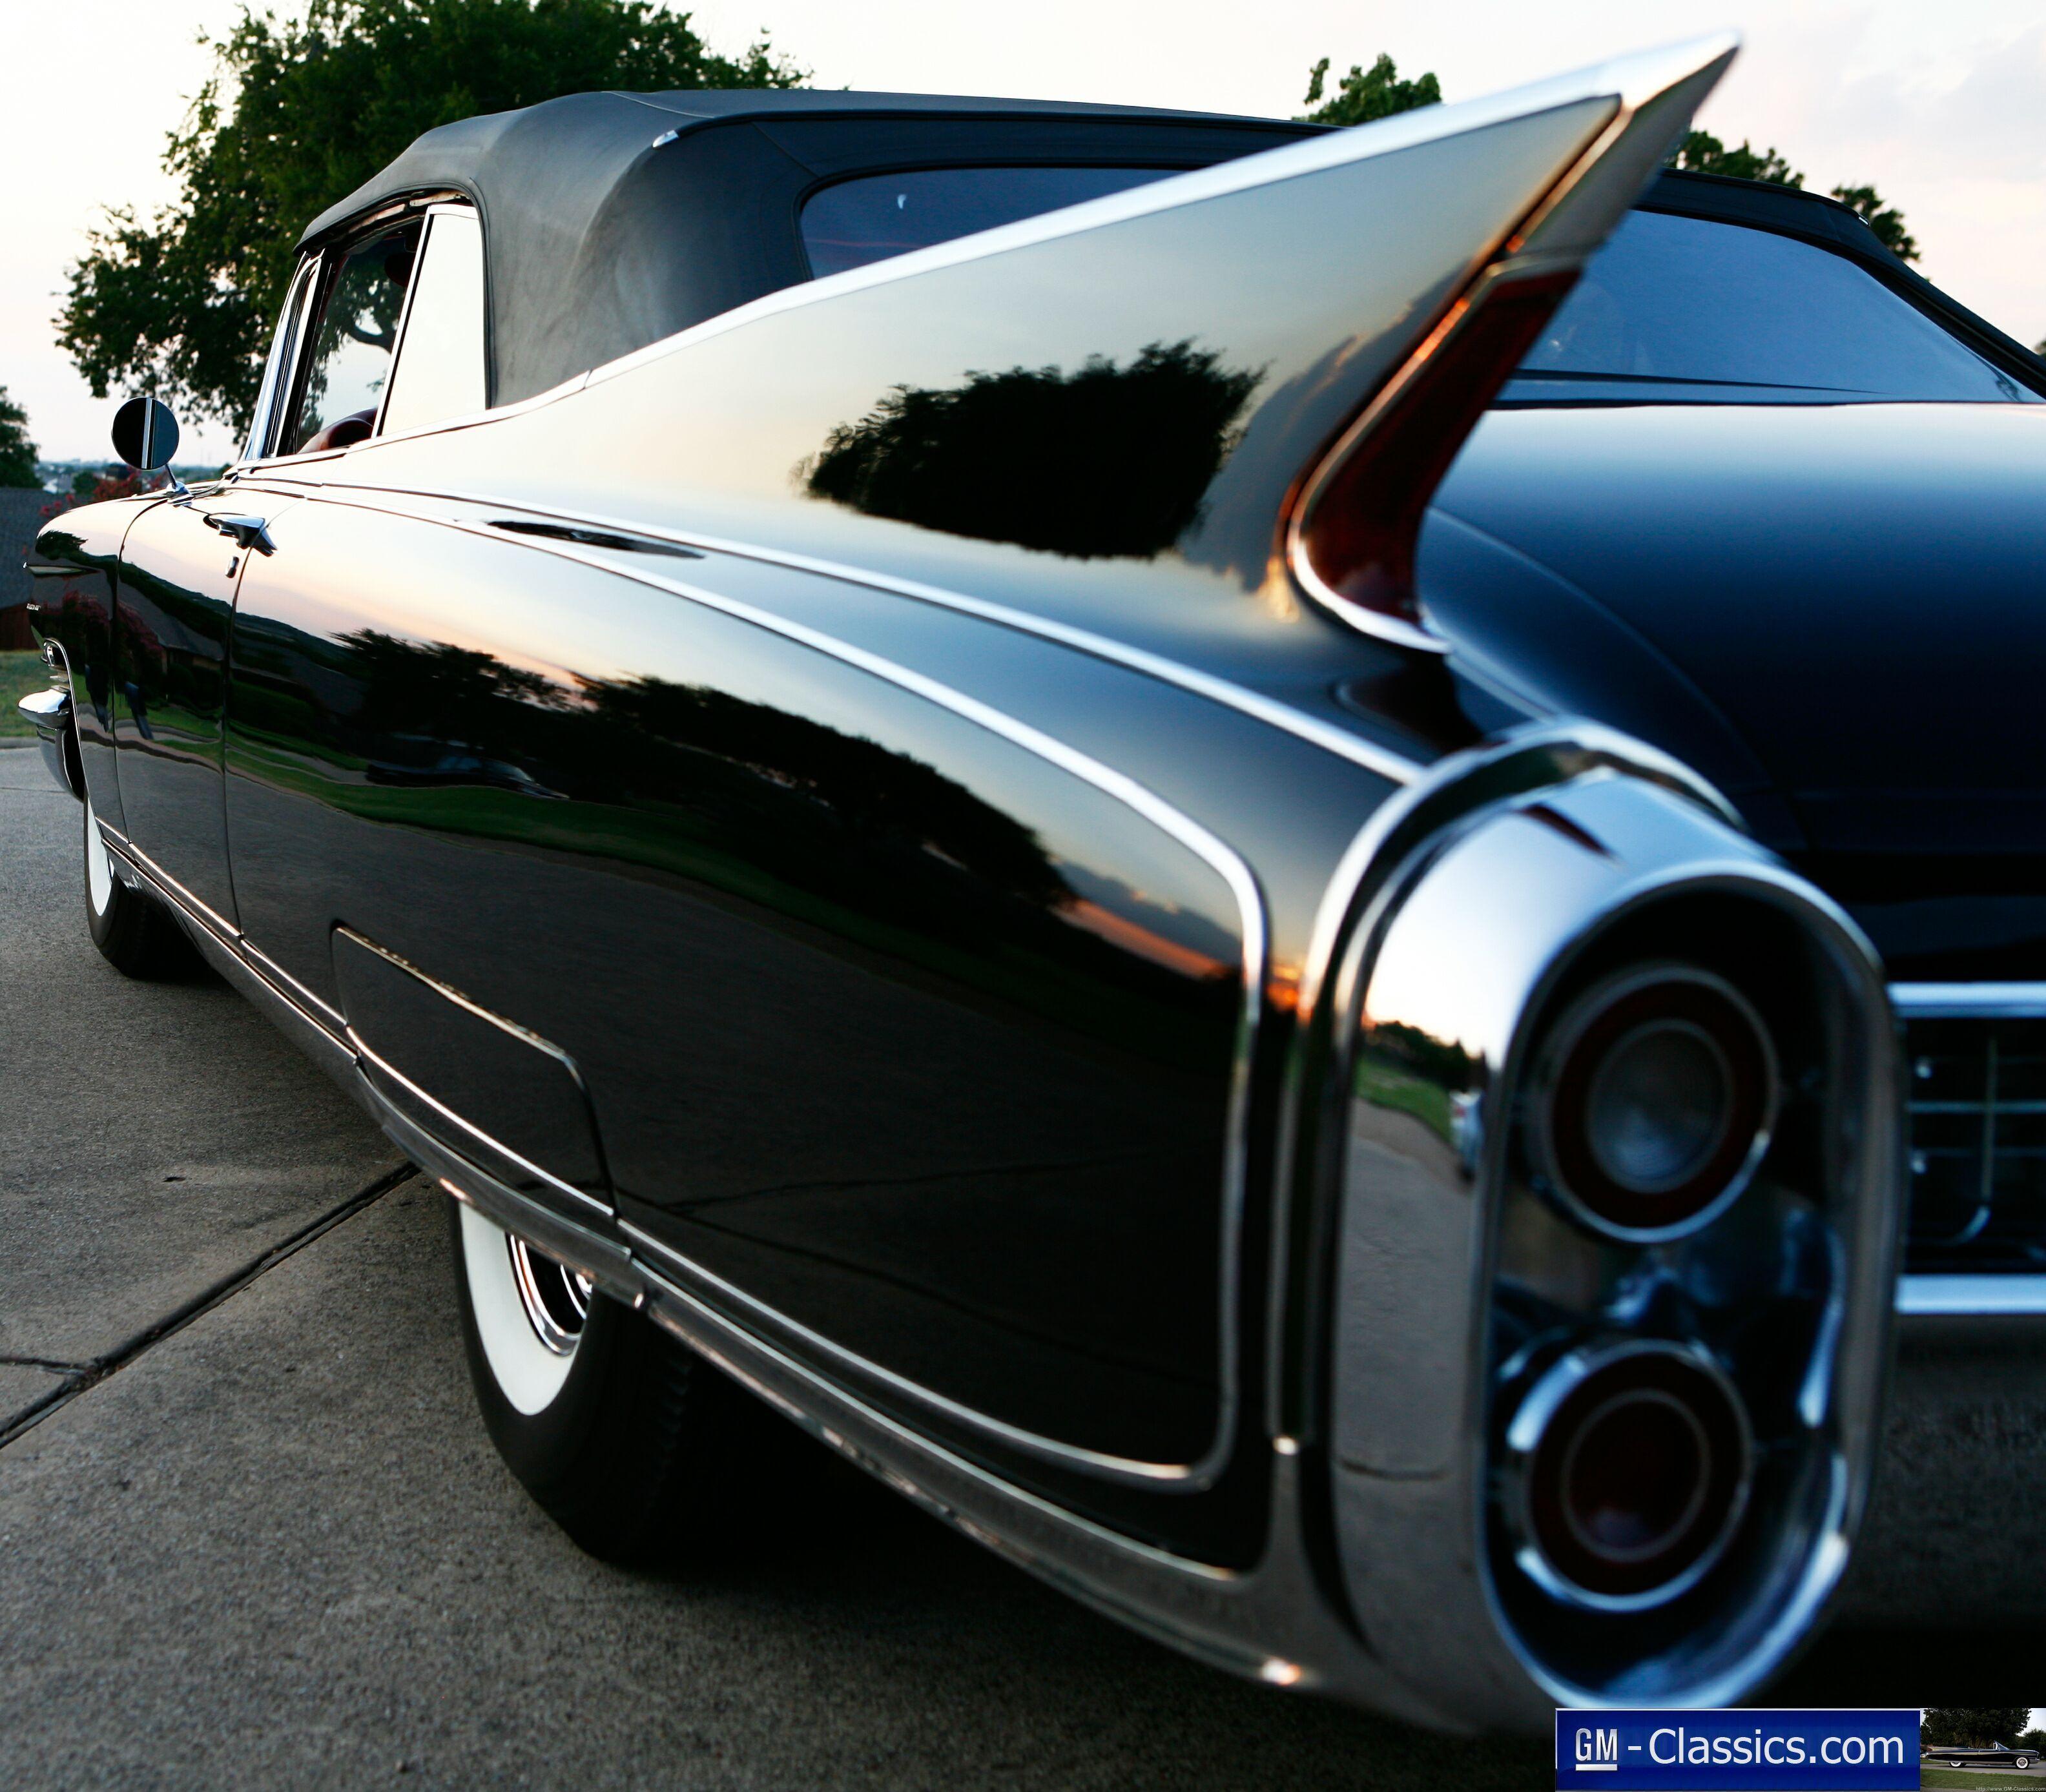 1958 Cadillac Eldorado Biarritz | Official GM Factory Photo 1960 Eldorado, Circa 1960